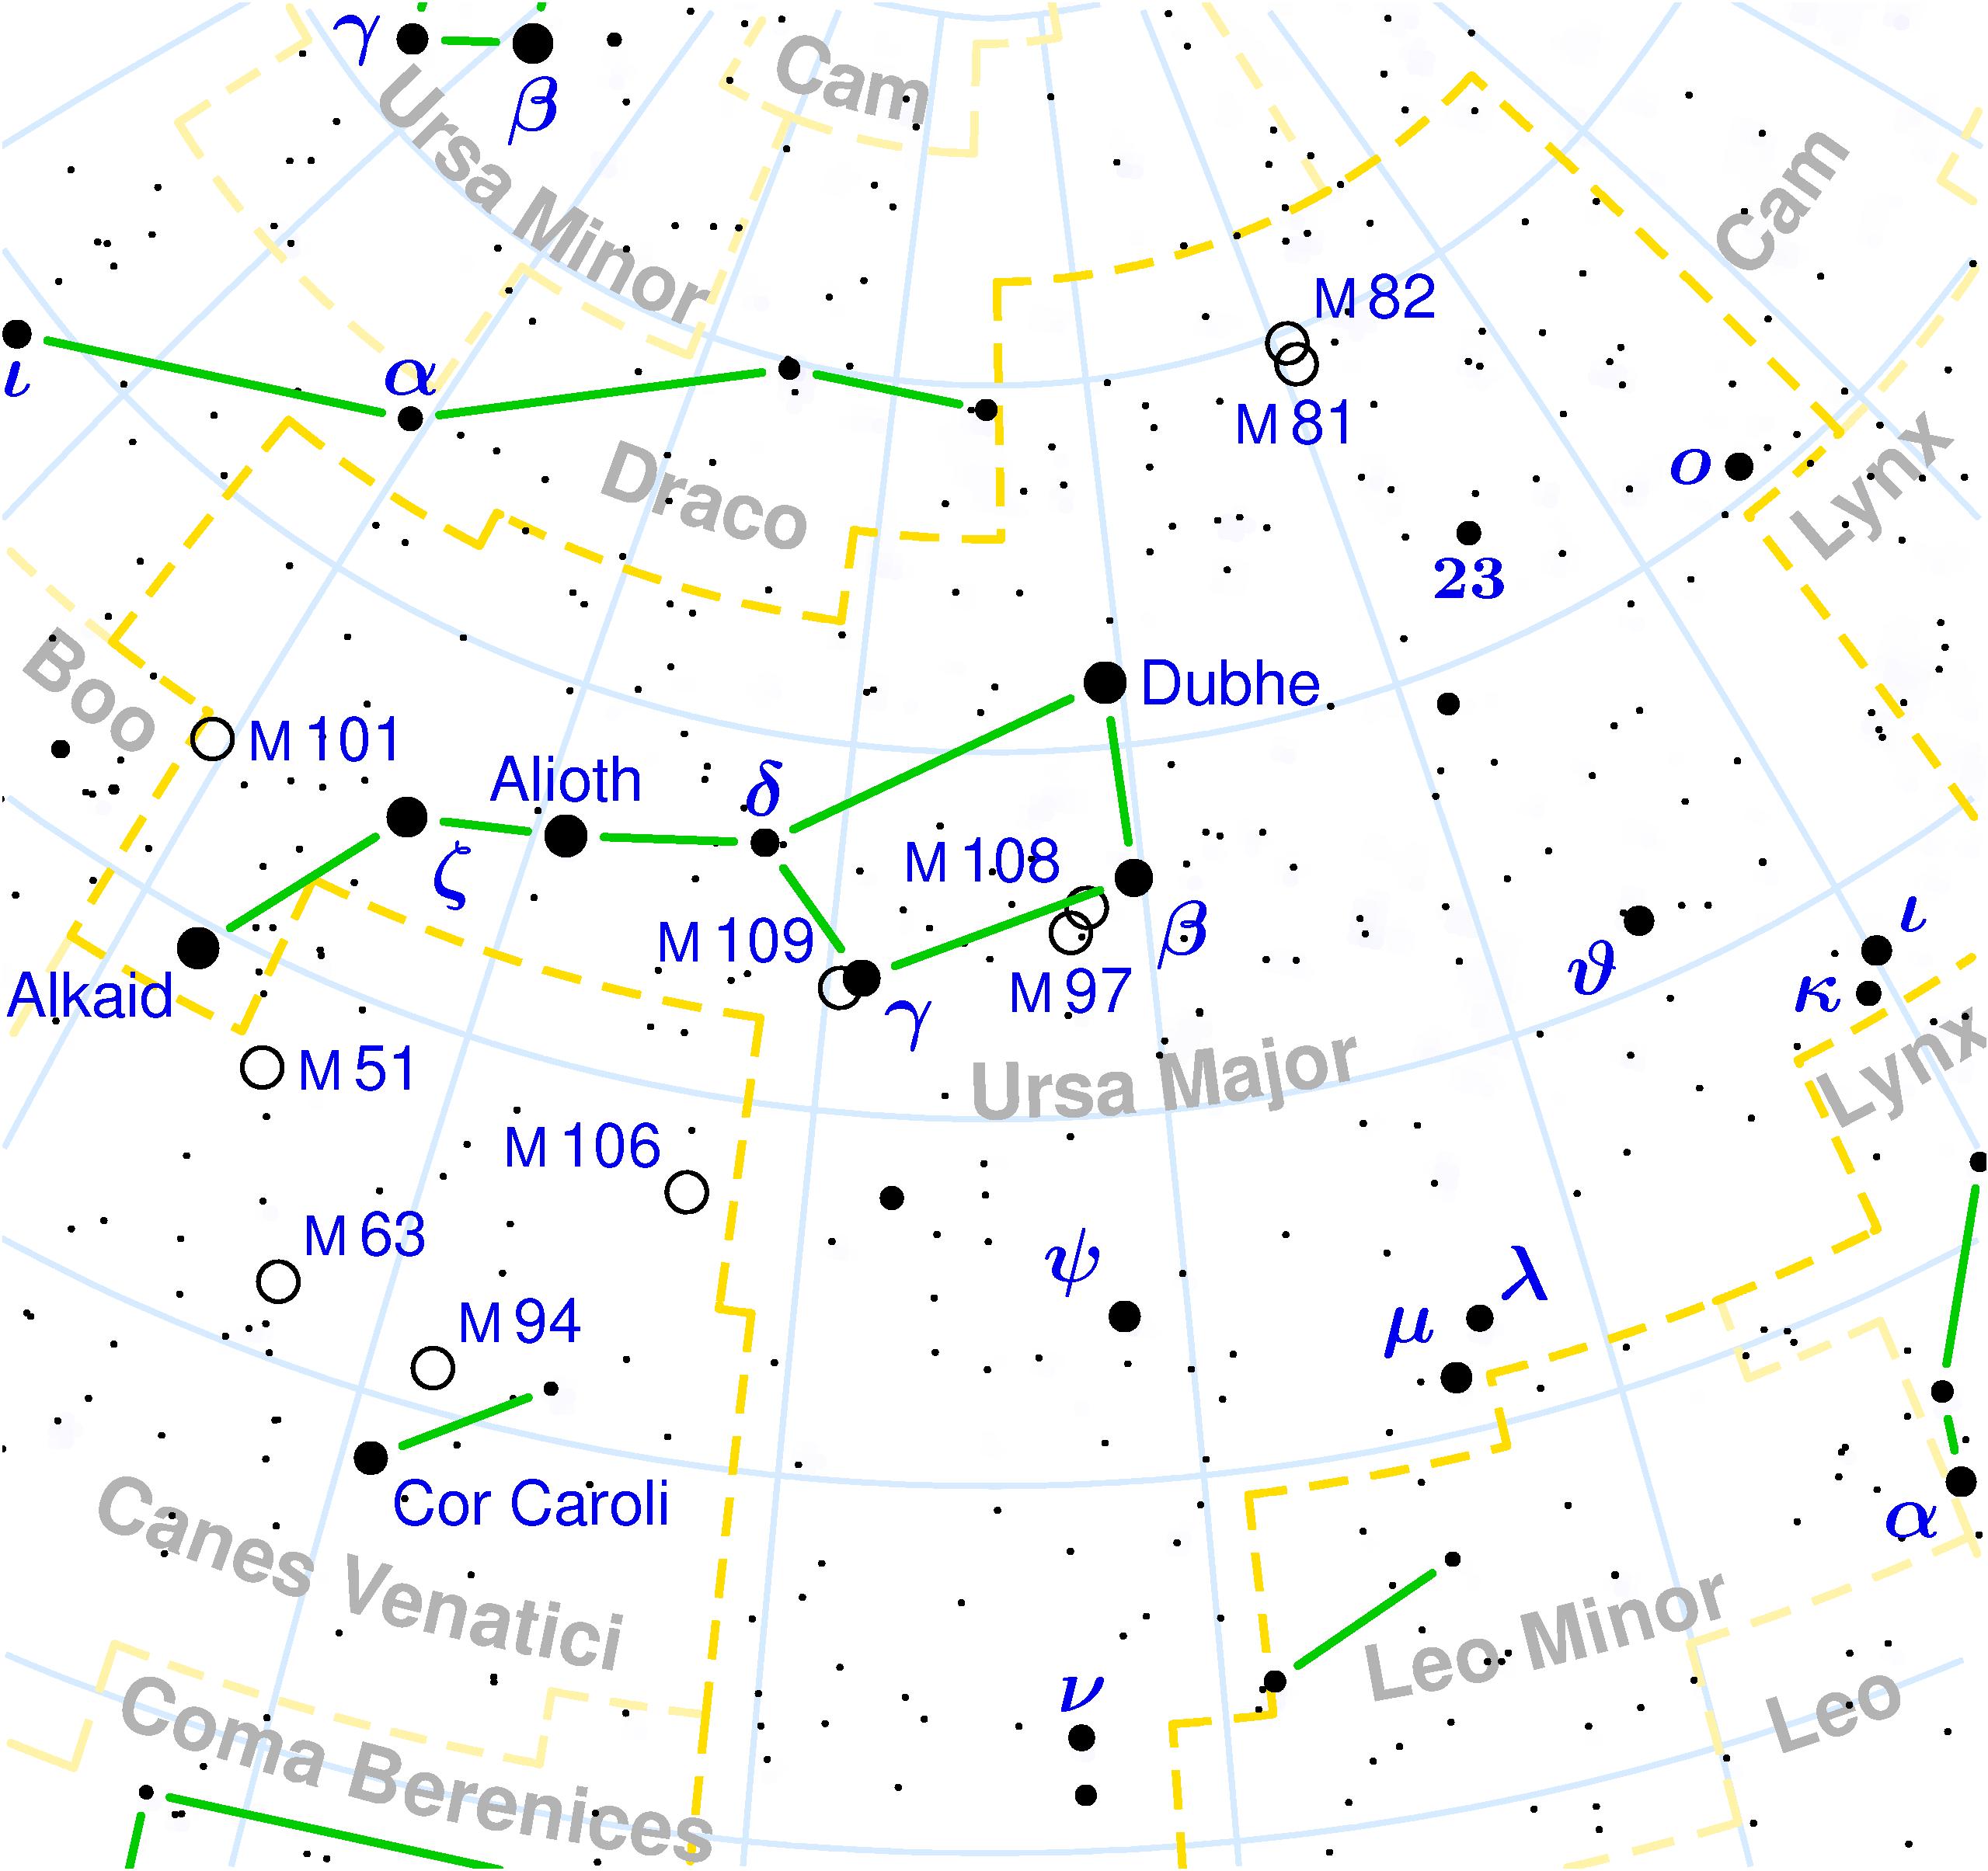 Ursa Major Drawing File:ursa Major Constellation